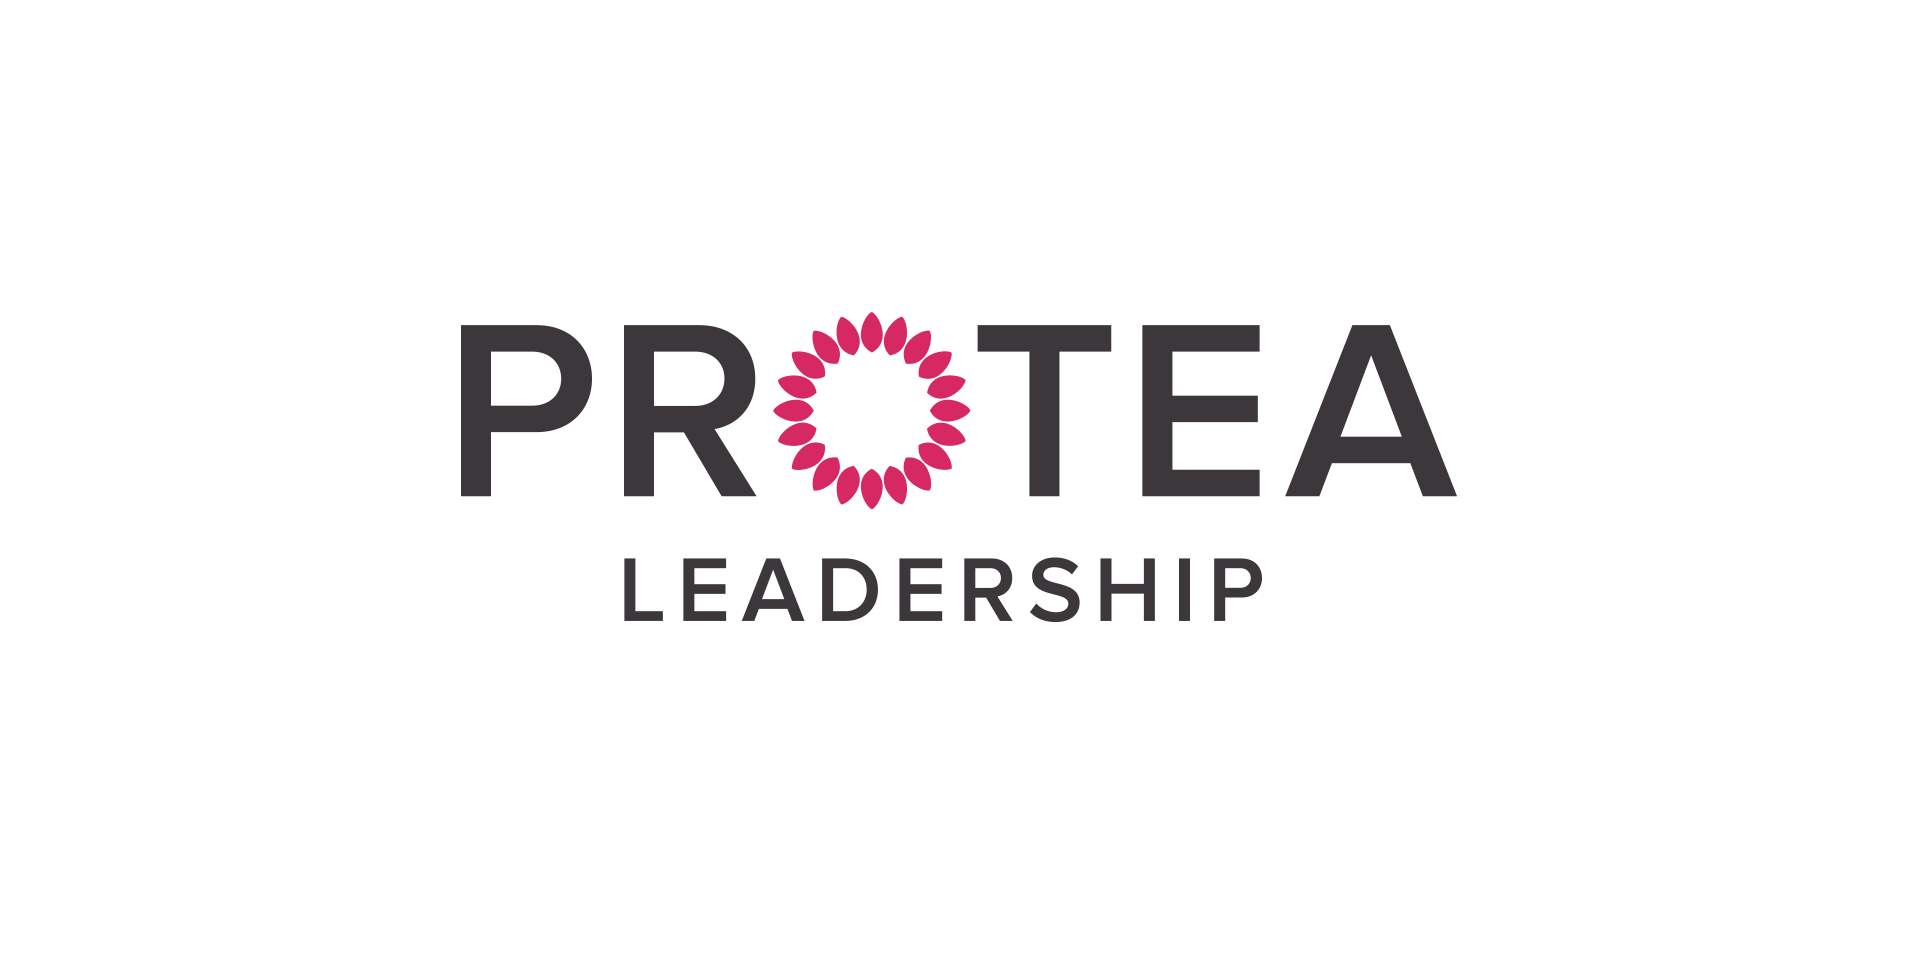 protea-logo-design